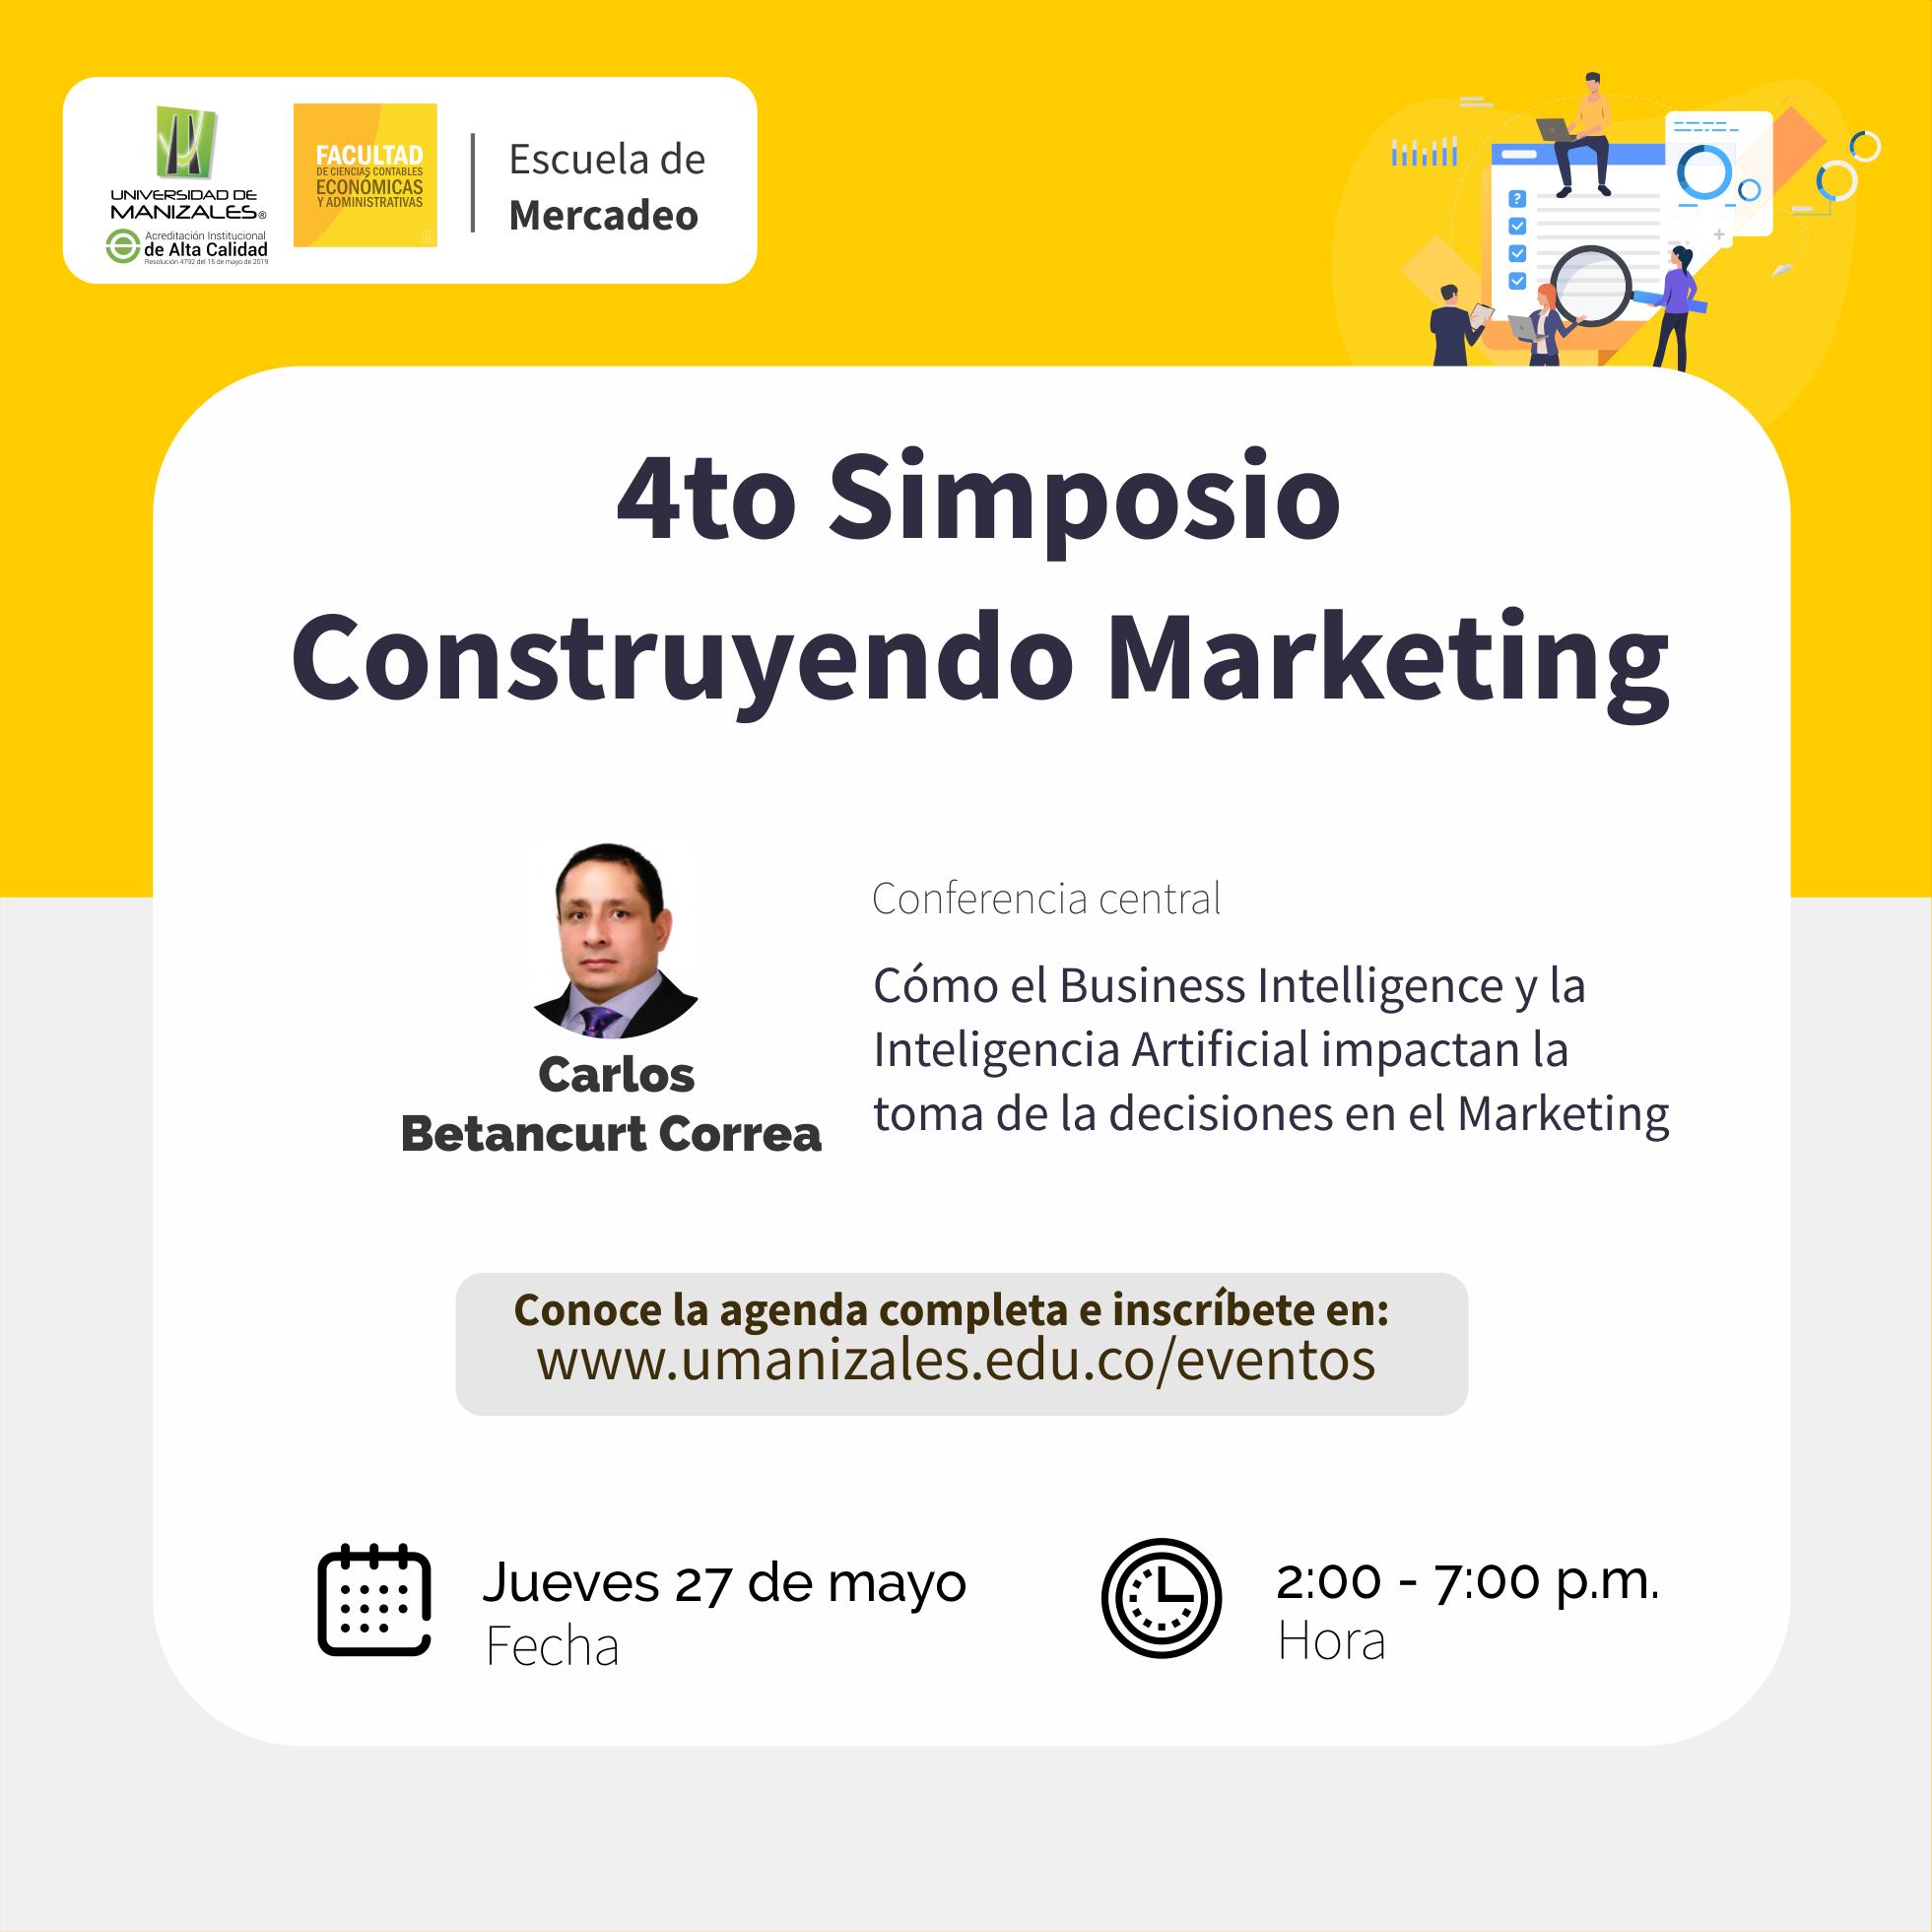 Construyendo Marketing, tema del IV Simposio de la Escuela de Mercadeo que se realizará este jueves